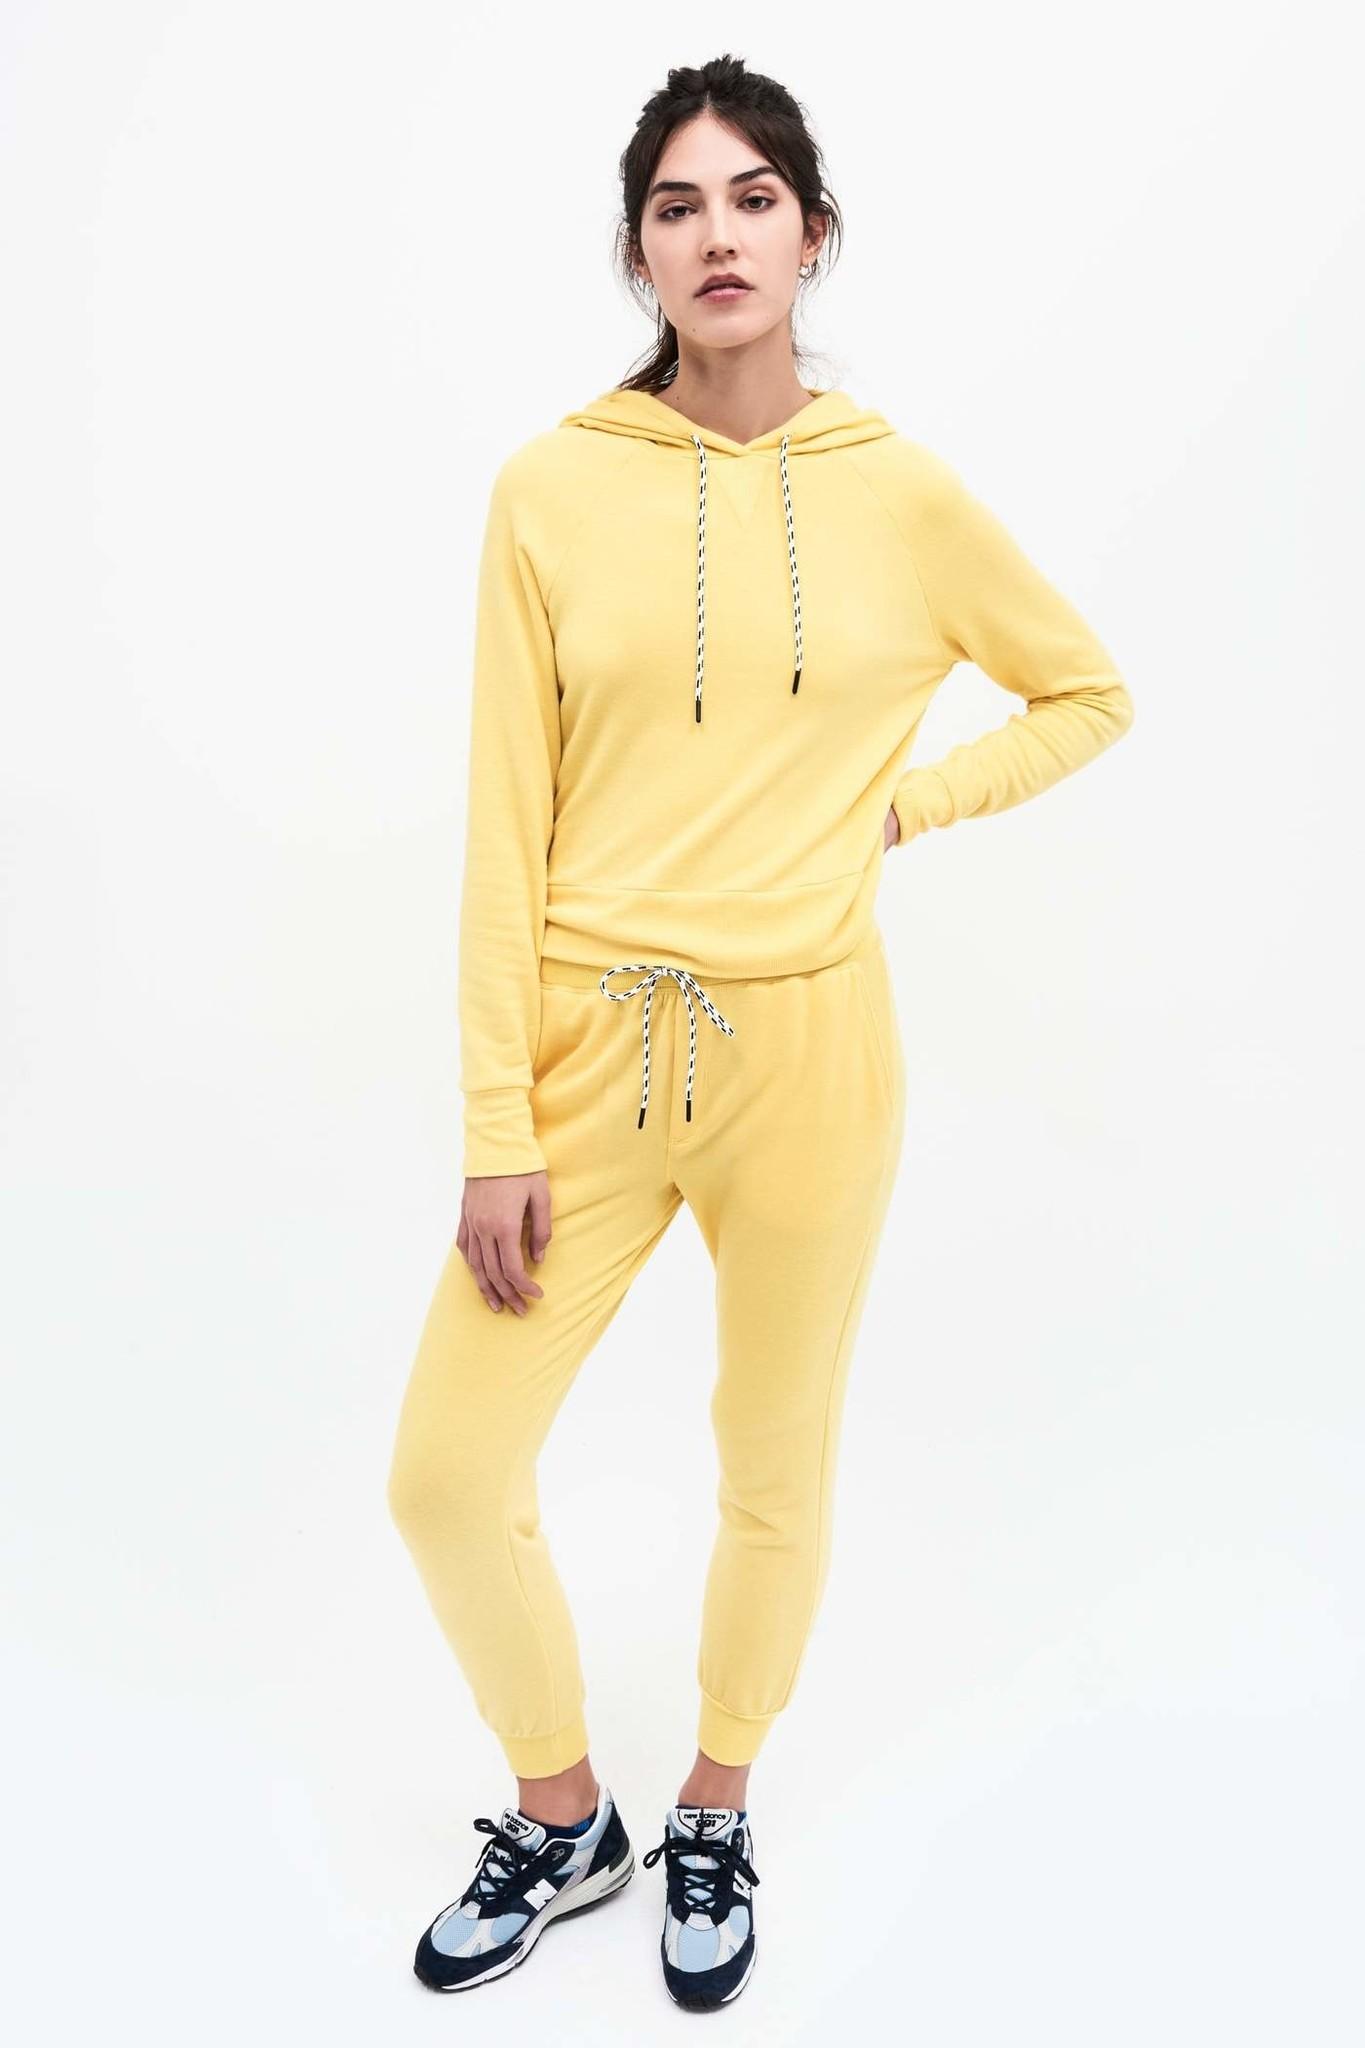 Splits59 Norma Fleece Sweatshirt Sunshine